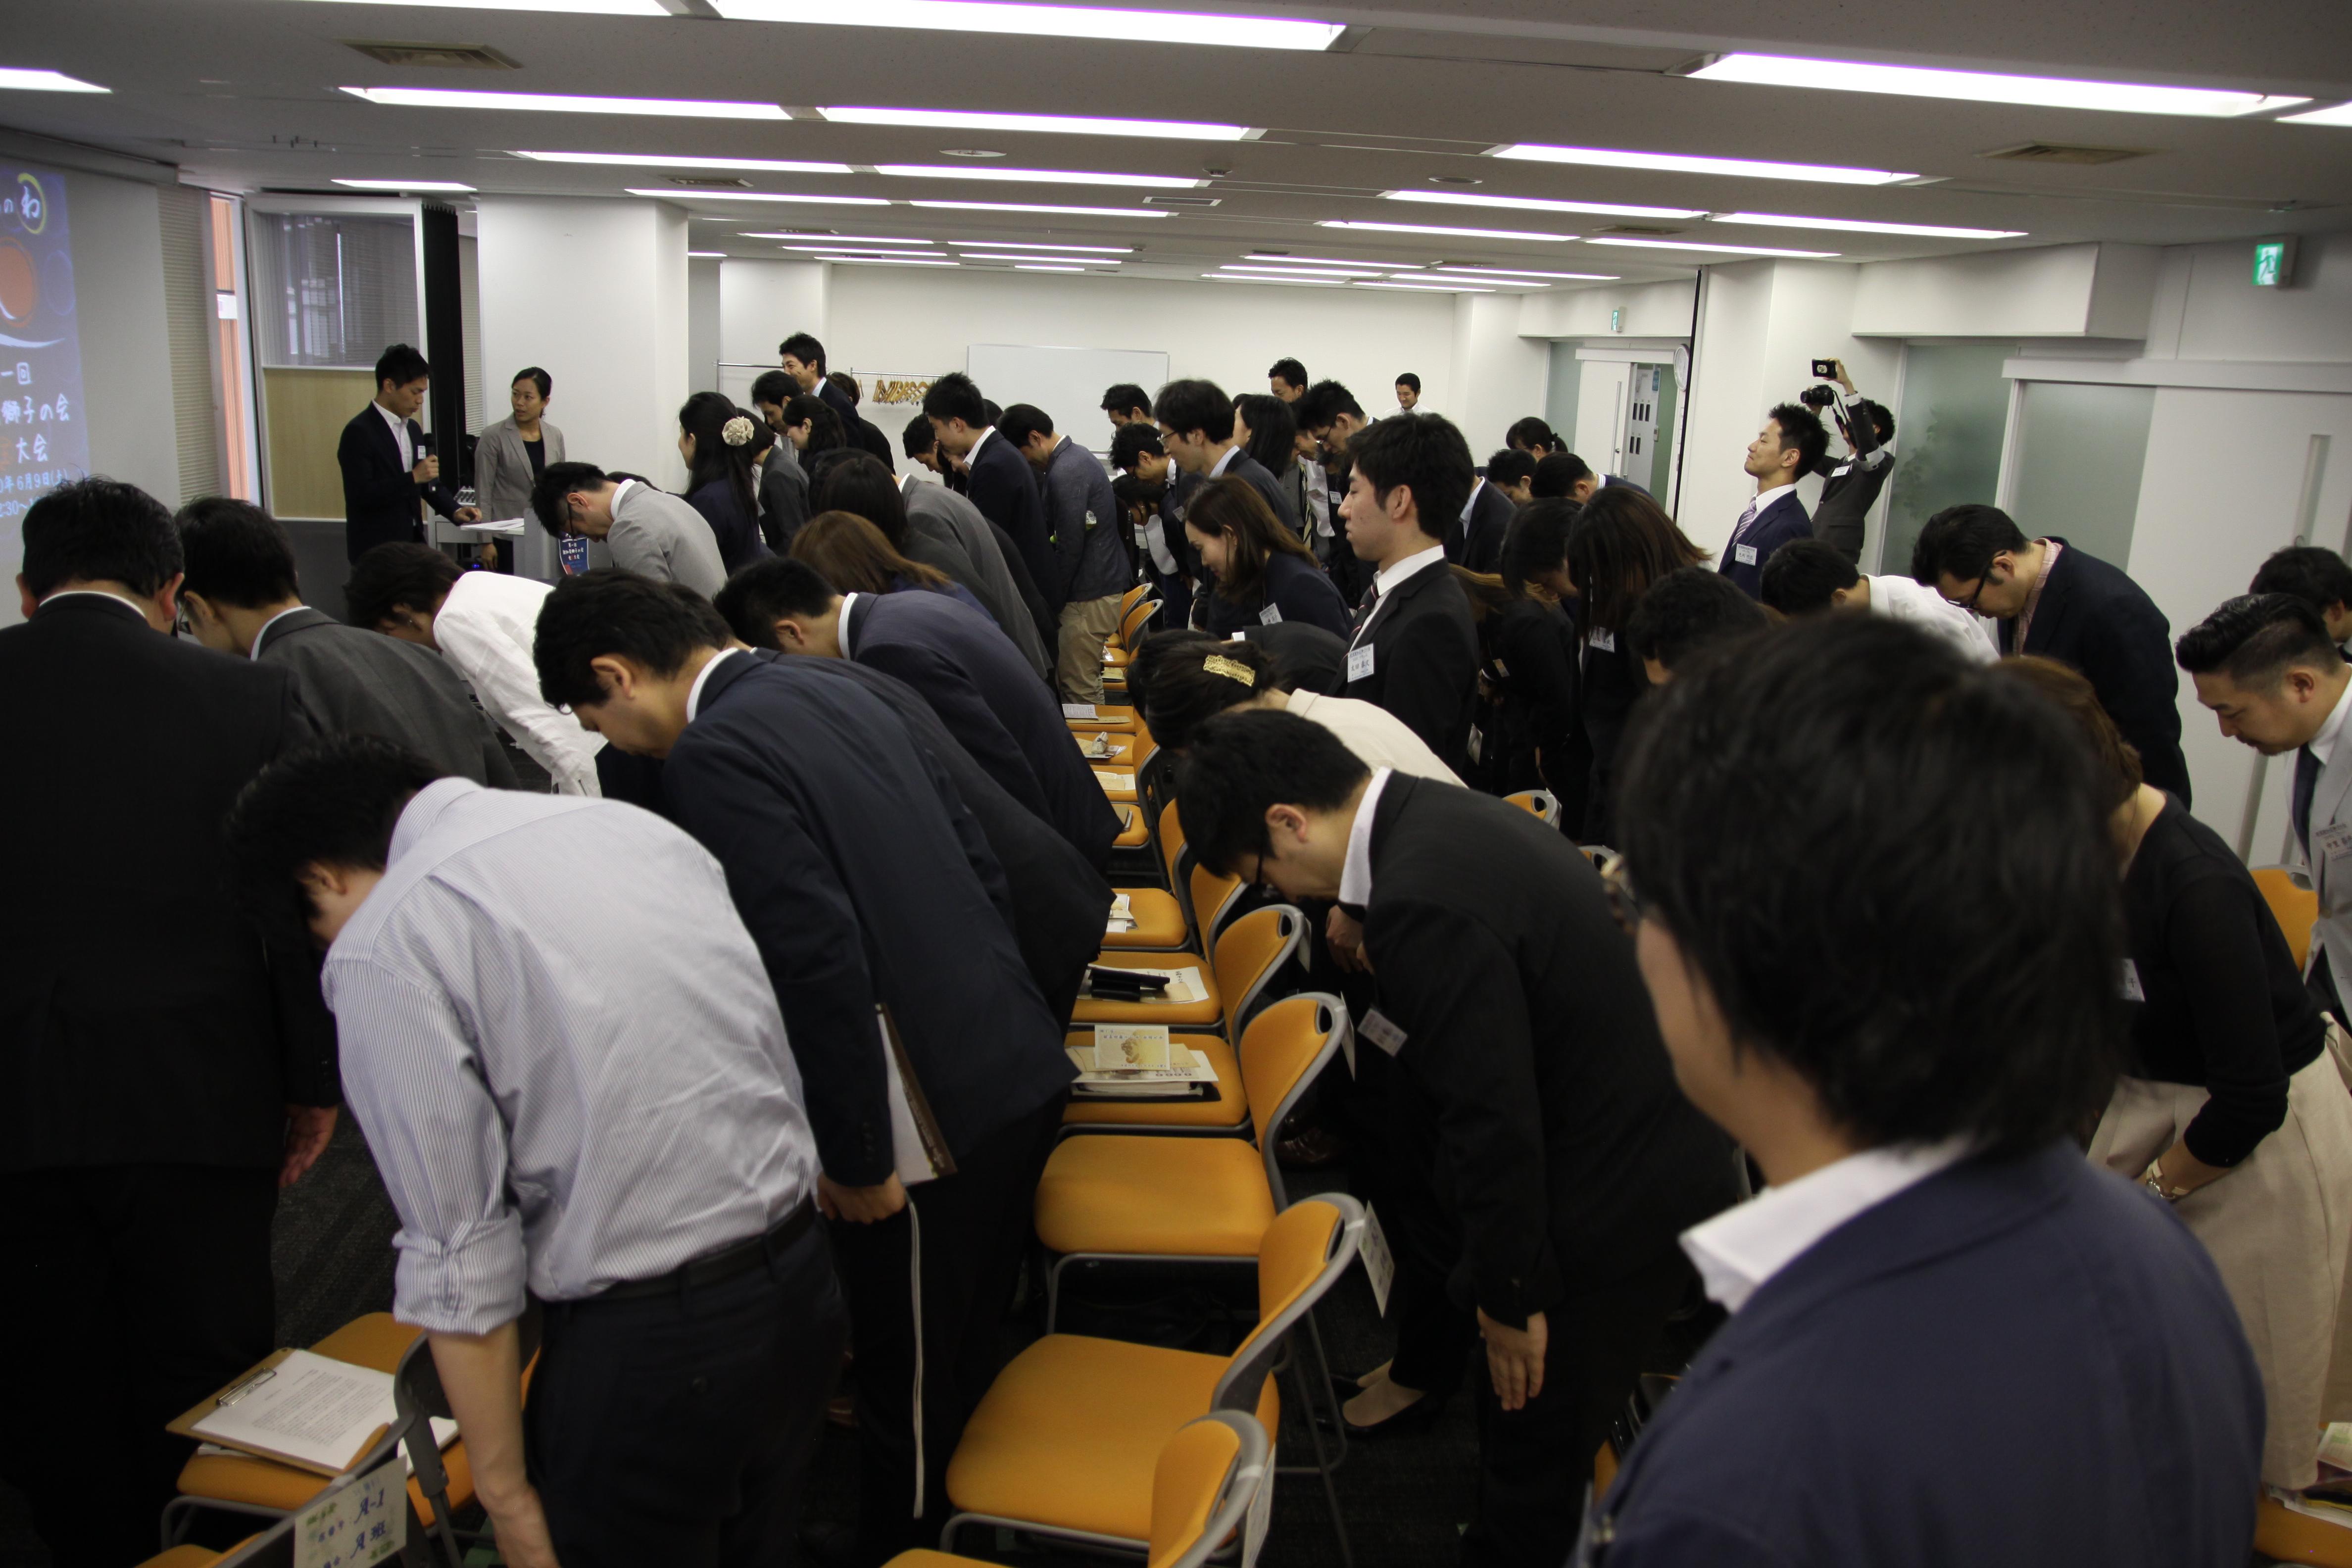 IMG 4532 - 関東若獅子の会、記念すべき第100回